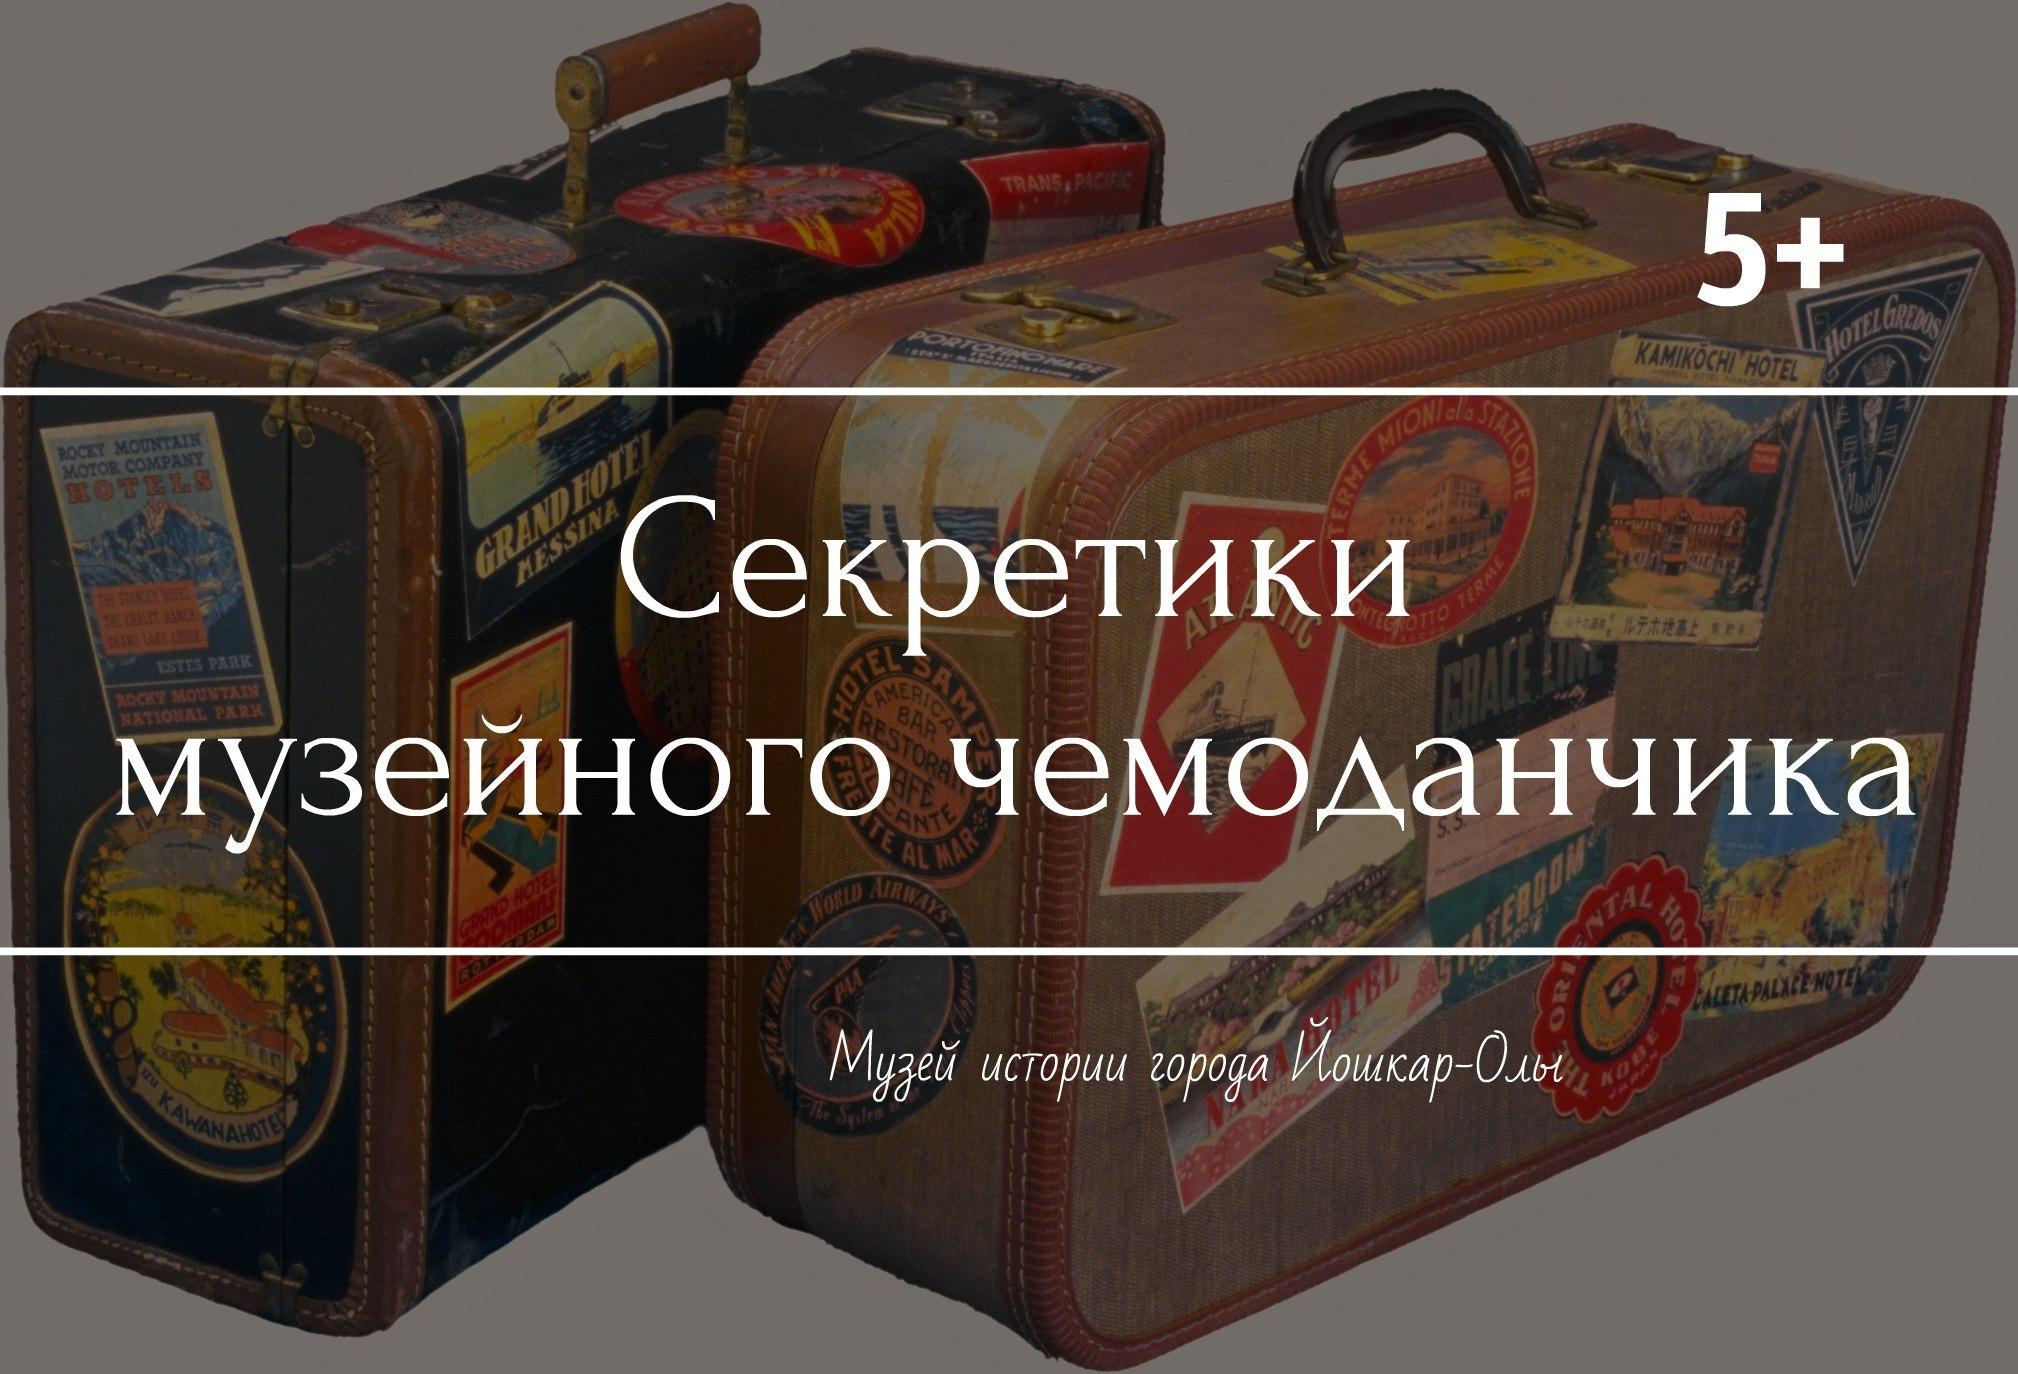 Секретики музейного чемоданчика